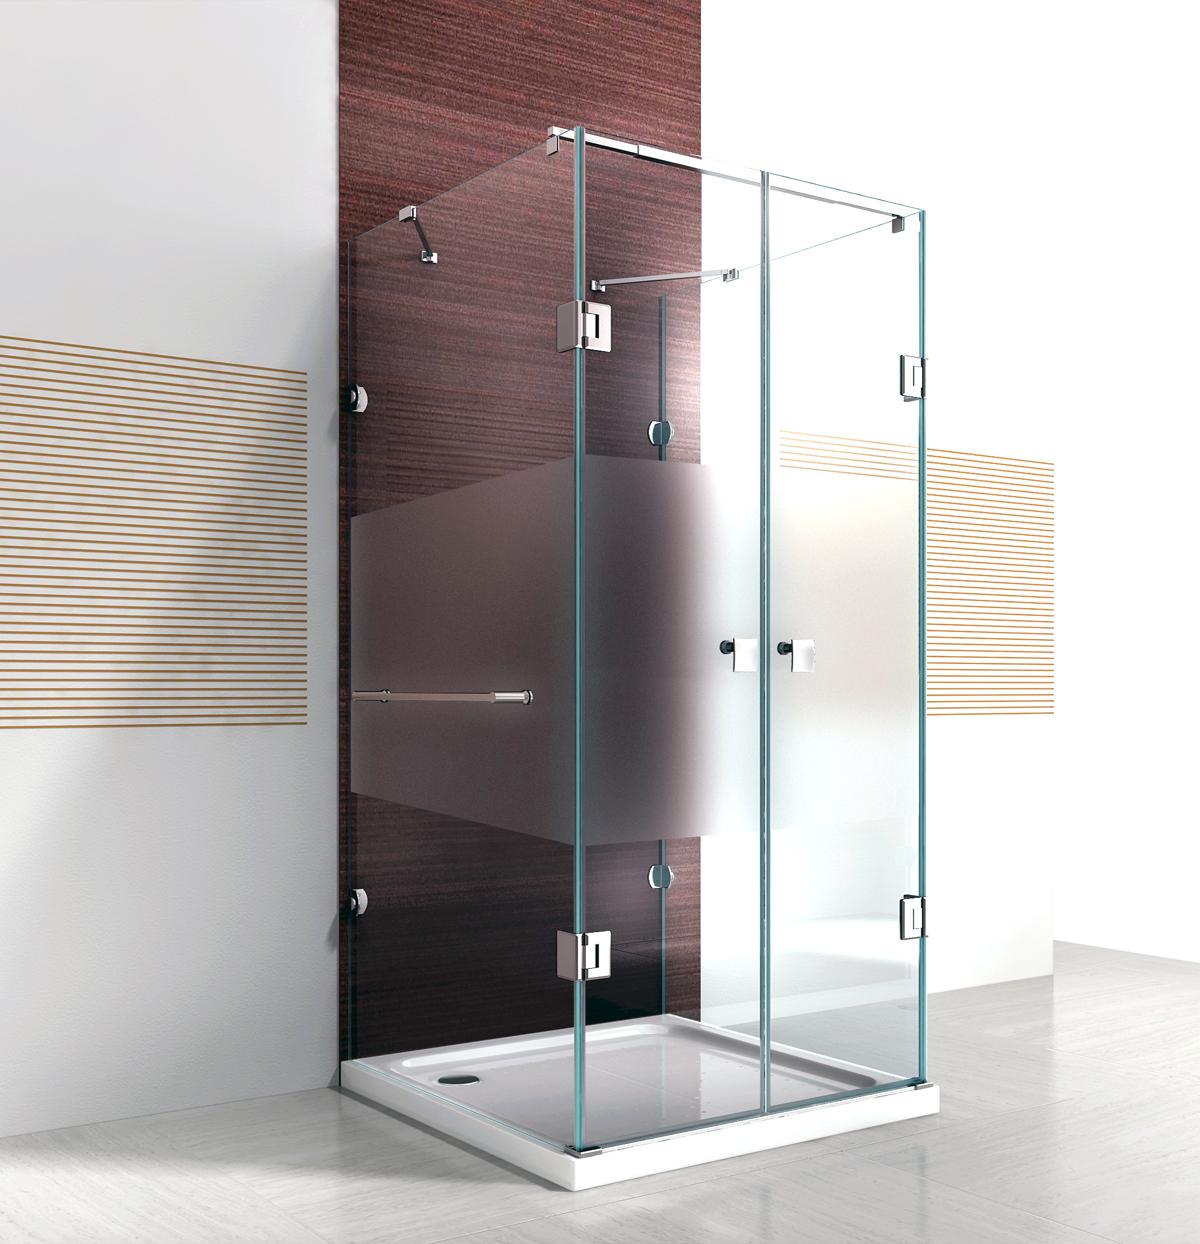 Verschiedene Duschabtrennung Milchglas Galerie Von Duschkabine U Form Mit Nano Echtglas Ex412